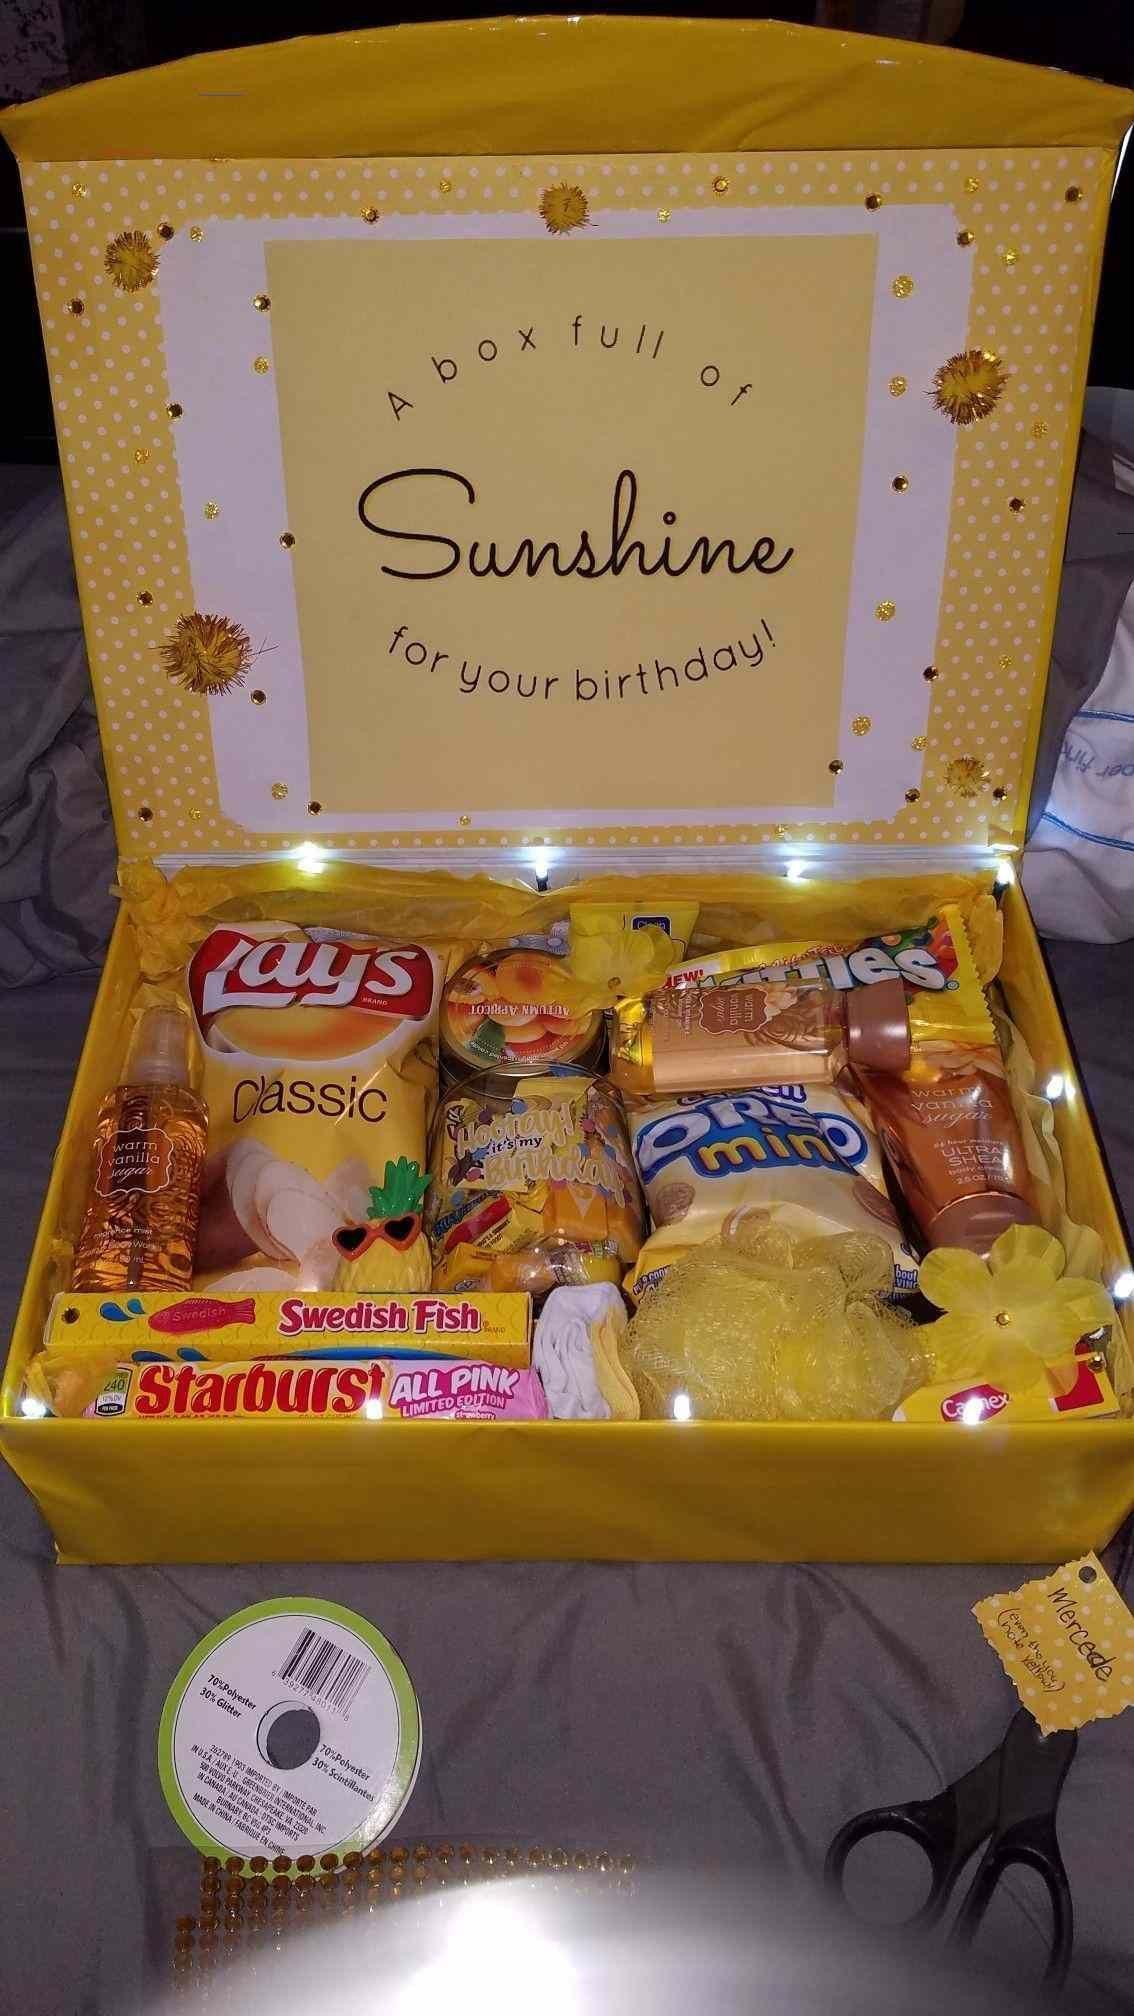 diy birthday box ideas friendbirthdaygifts birthday